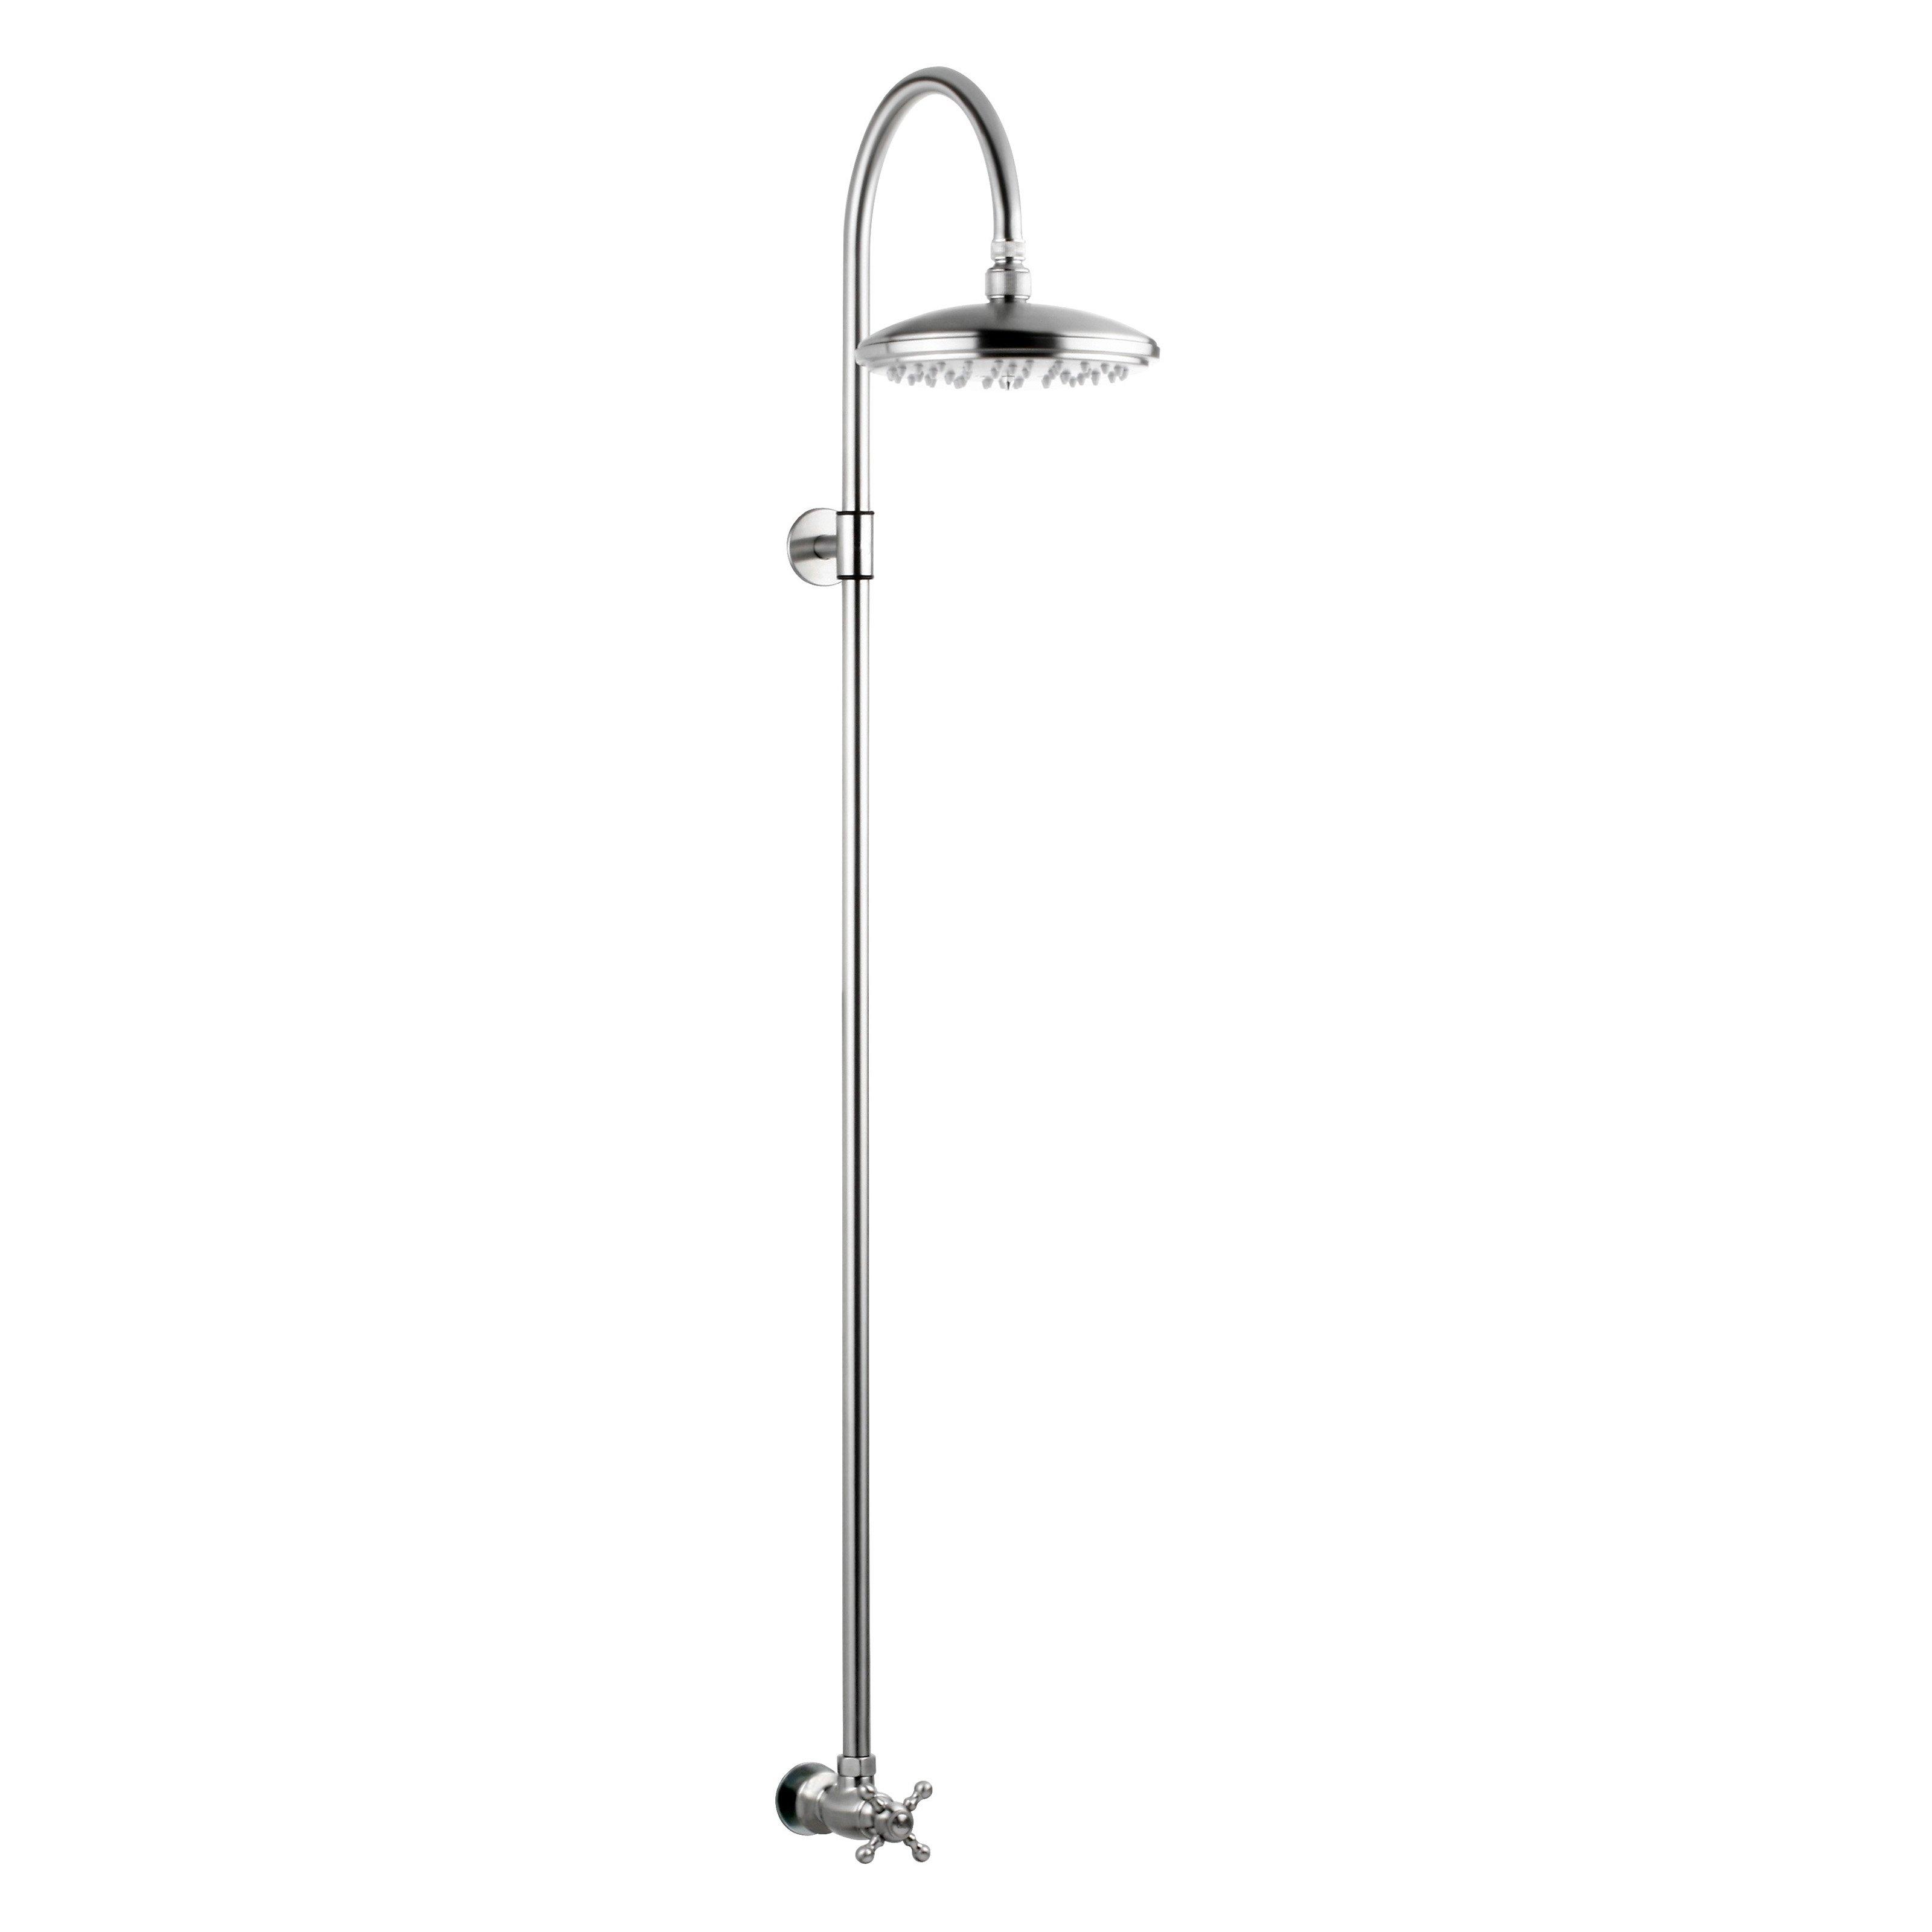 outdoor shower fixtures photo - 4